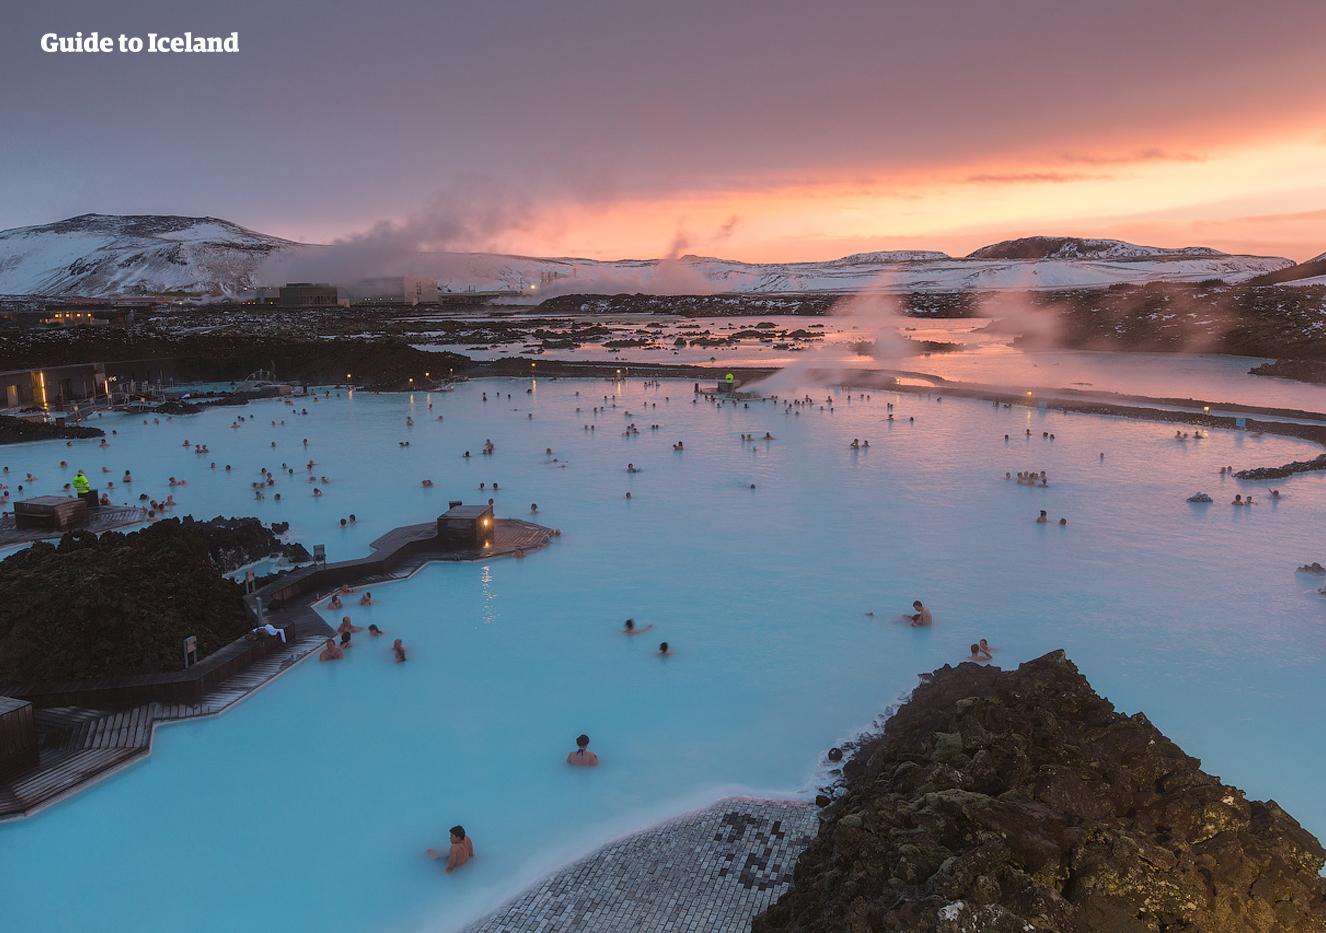 Comienza tu aventura en Islandia visitando la Laguna Azul, enclavada en un campo de lava negro azabache en la península de Reykjanes.